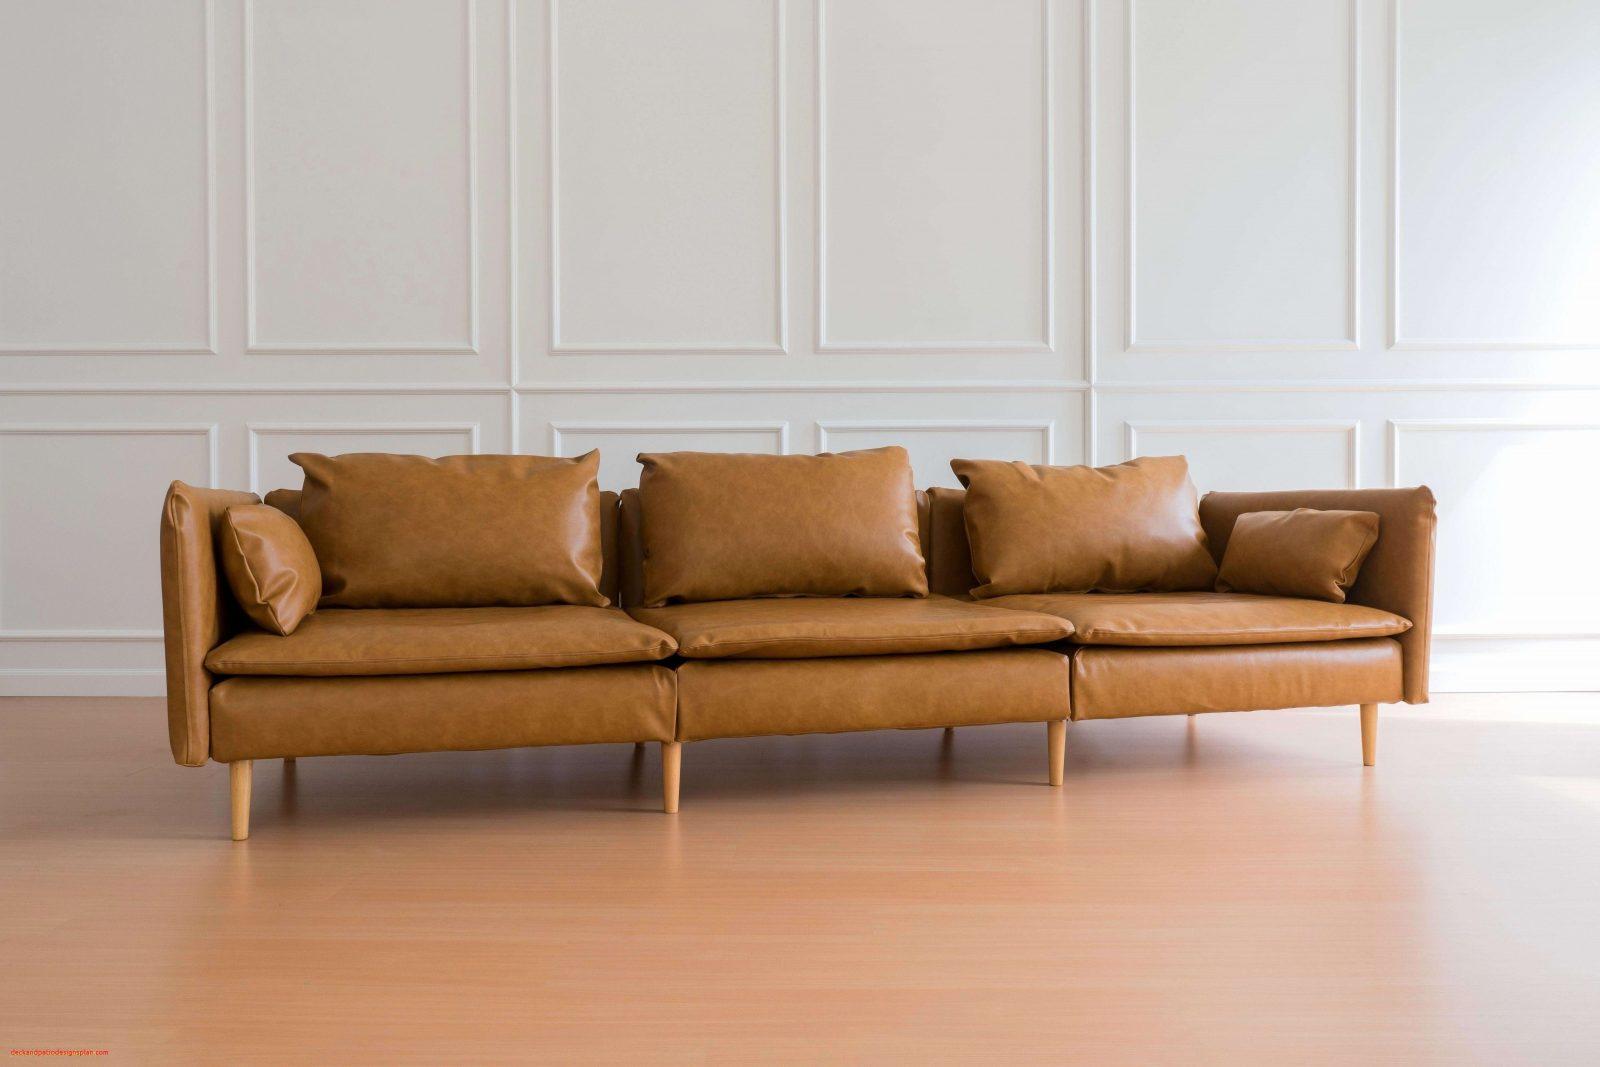 Xxl Lutz Schlafsofa Beste Wohnzimmer Couch Xxl Luxus Sofa Grau Weis von Big Sofa Xxl Lutz Photo